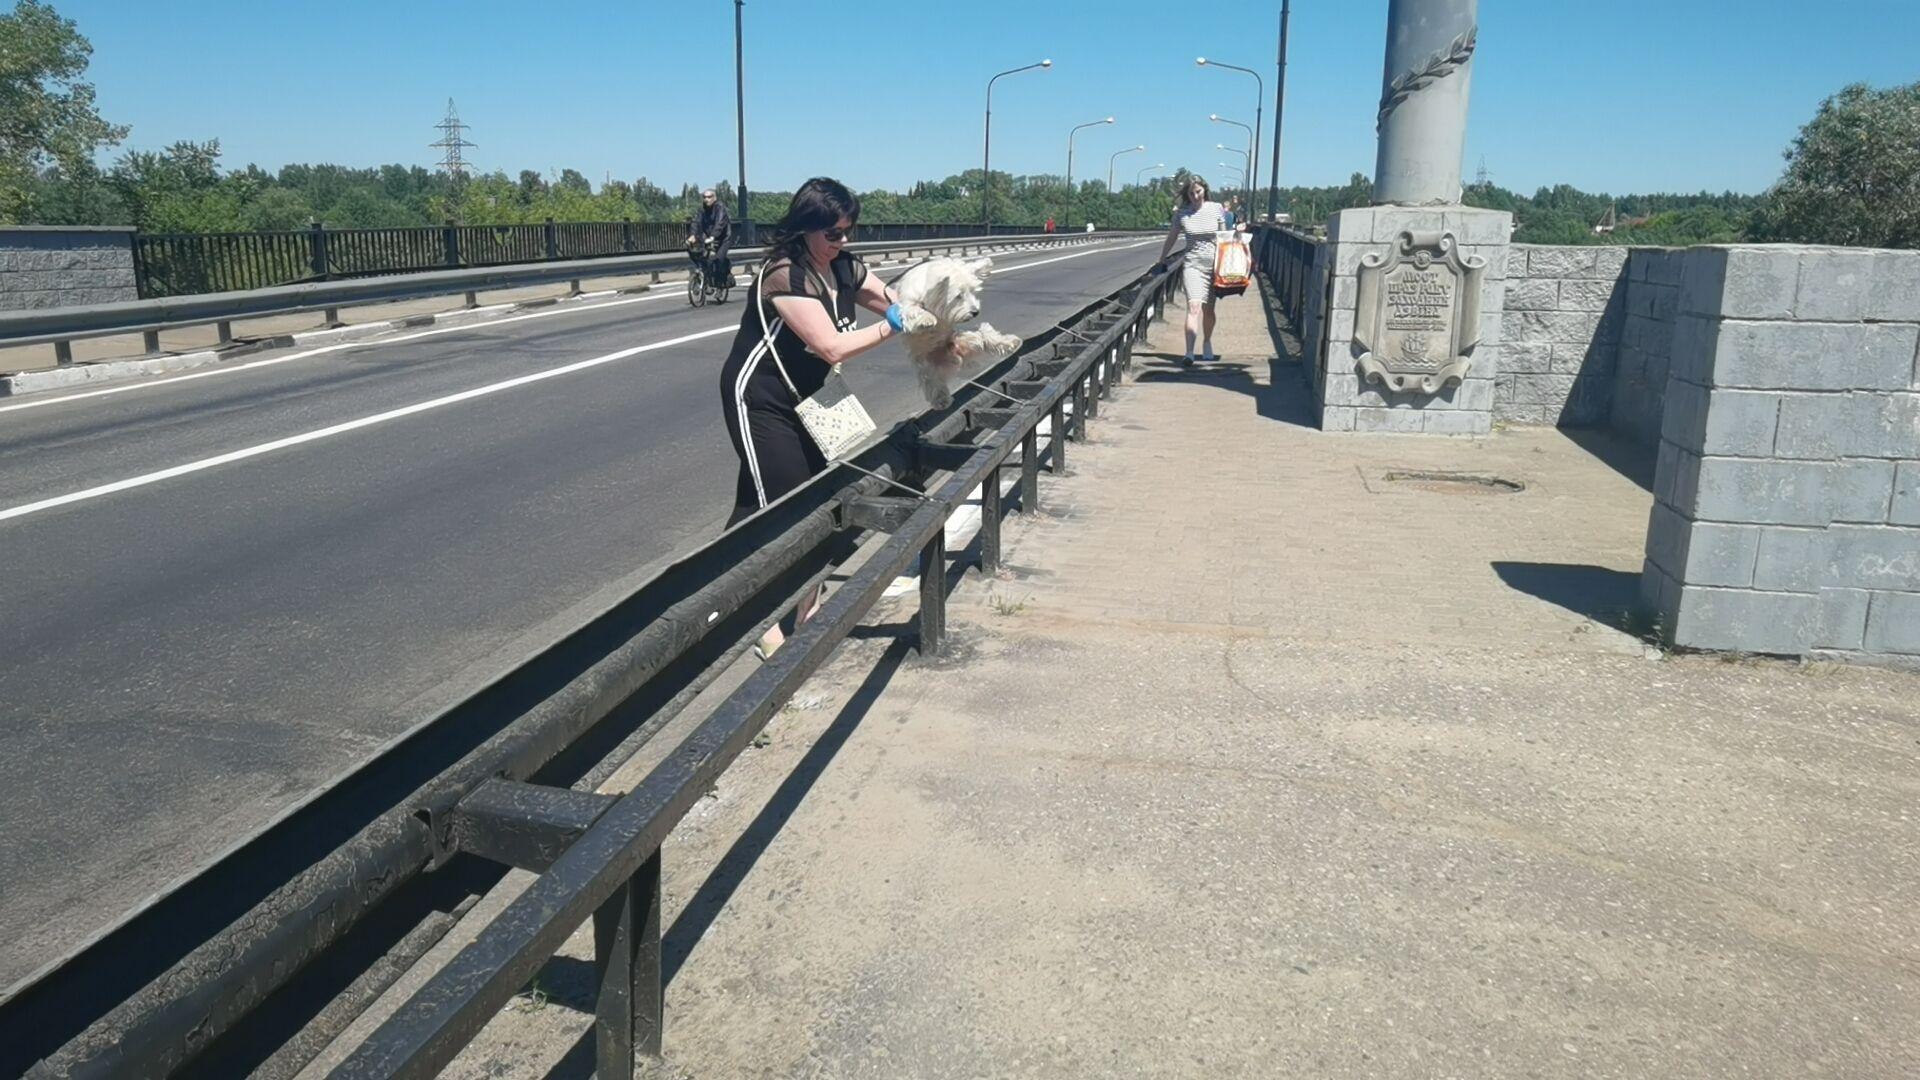 Прогулка по мосту превращается для граждан в полосу препятствий - Sputnik Беларусь, 1920, 29.06.2021